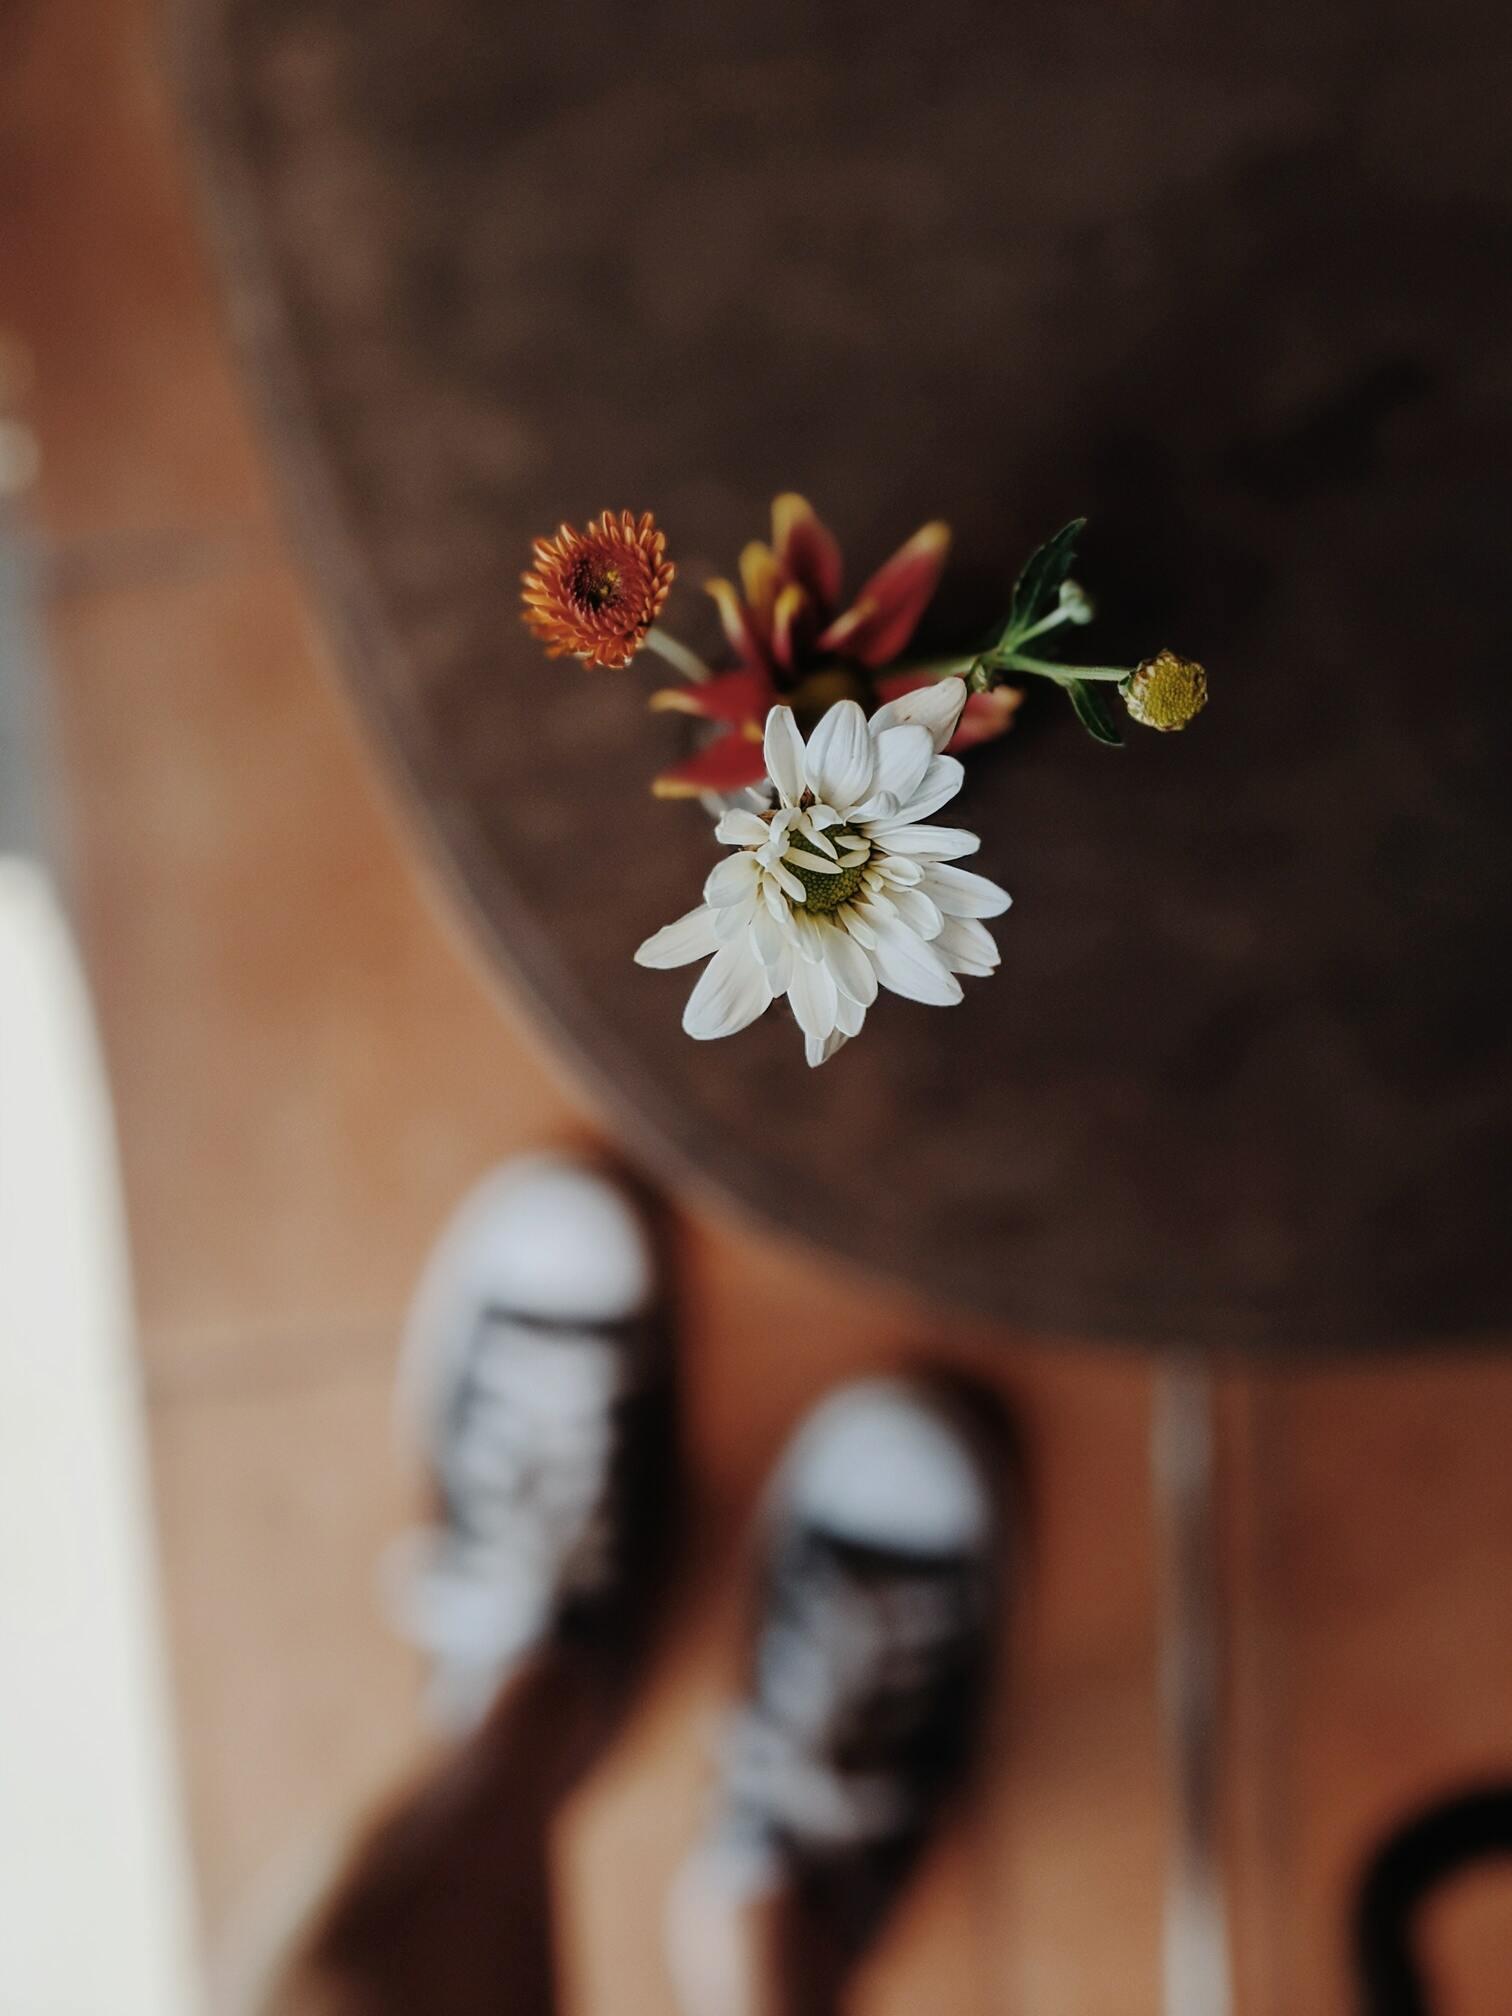 Hình ảnh hoa cúc hoạ mi trắng